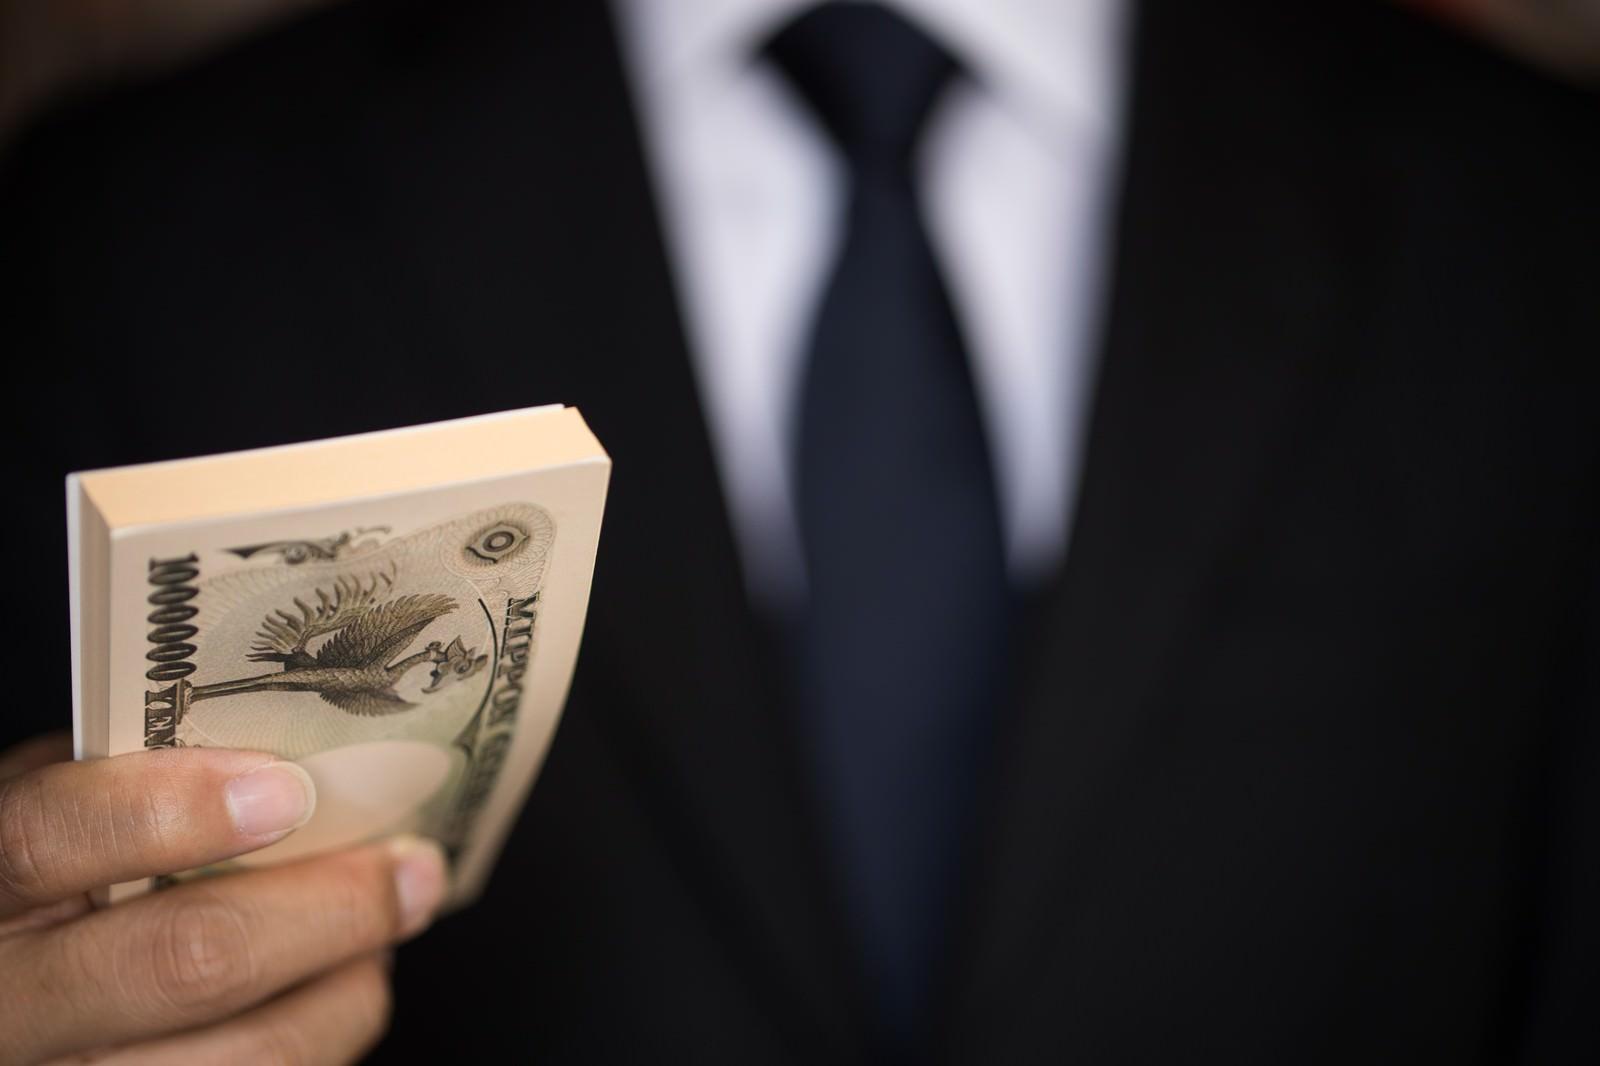 「「支払いはキャッシュで」と偽札を手渡す」の写真